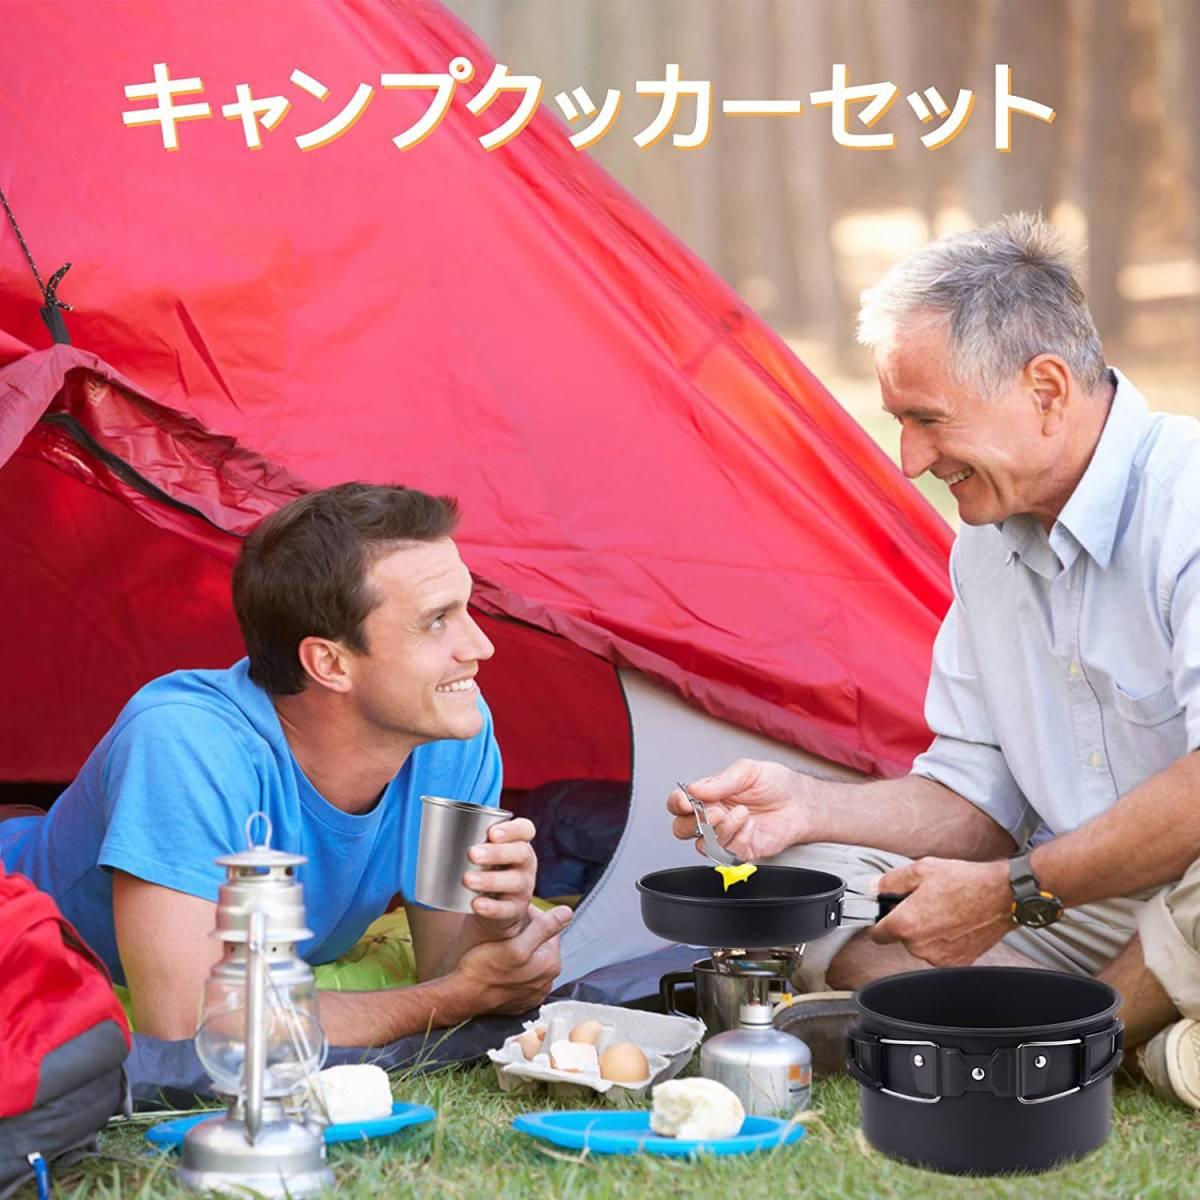 【新品 送料無料】iplusmile キャンプ用食器 キャンプクッカー アウトドア 調理セット 登山用鍋 キャンピング鍋 収納袋付き 1-2人